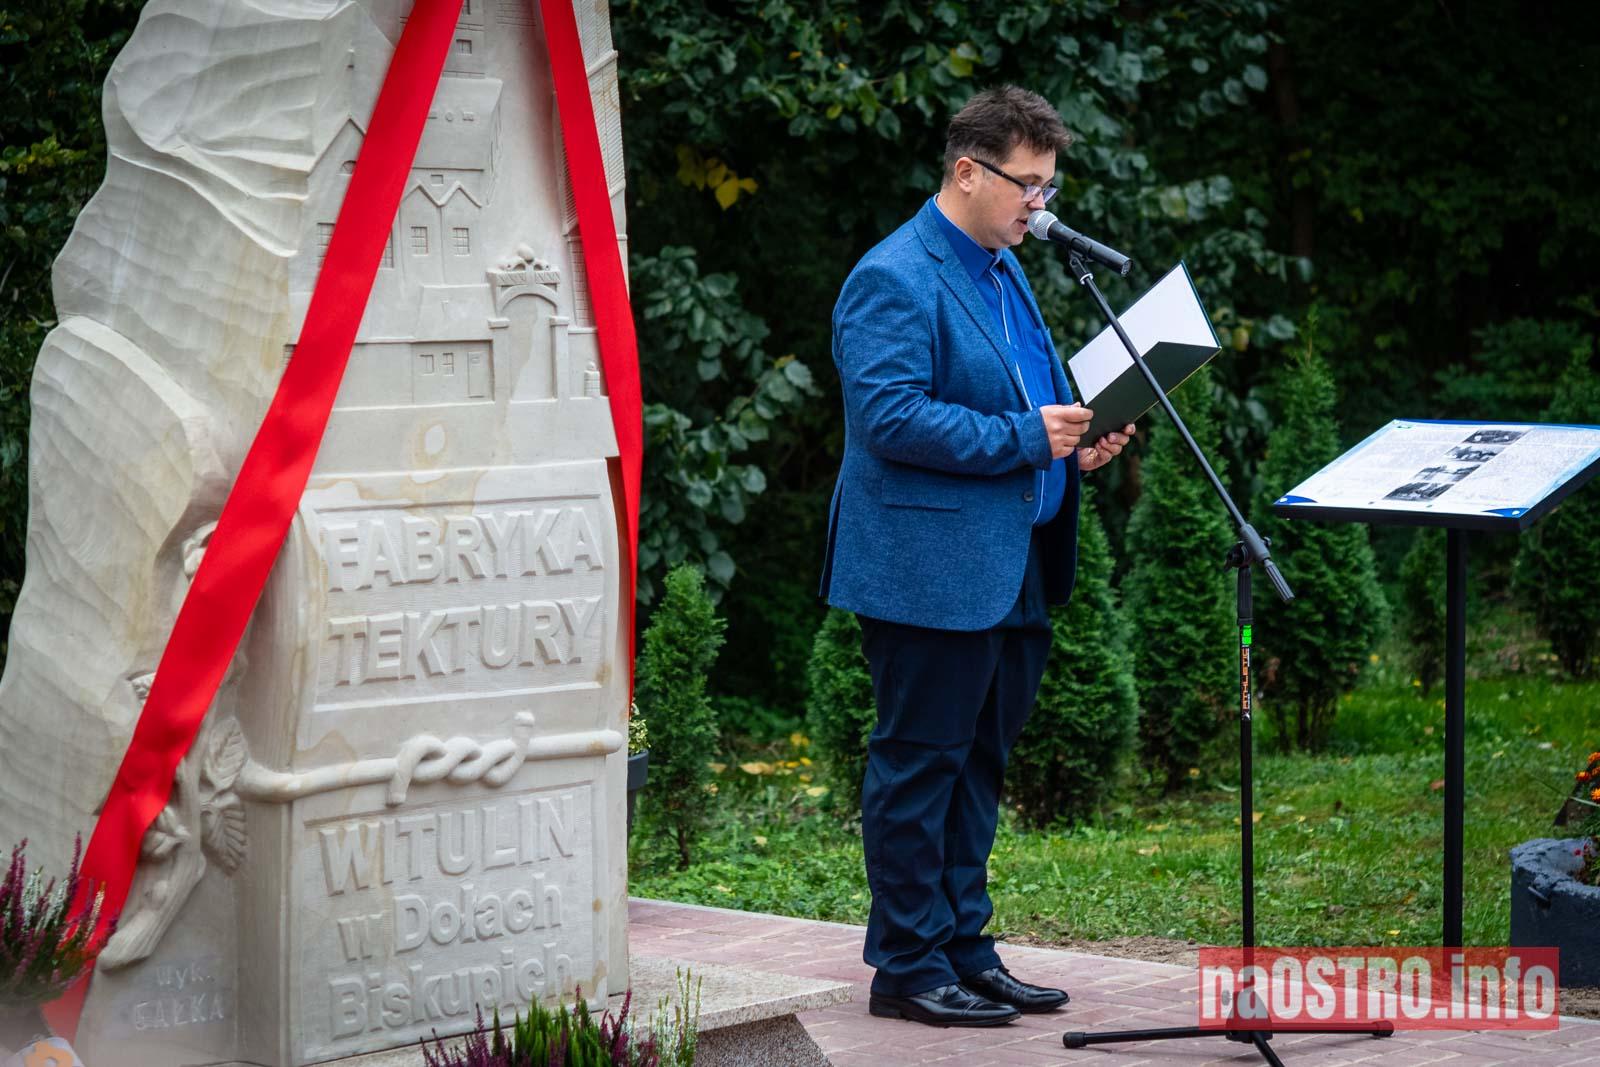 NaOSTROinfo Fabryka Tektury Witulin rzeźba odsłonięcie-5